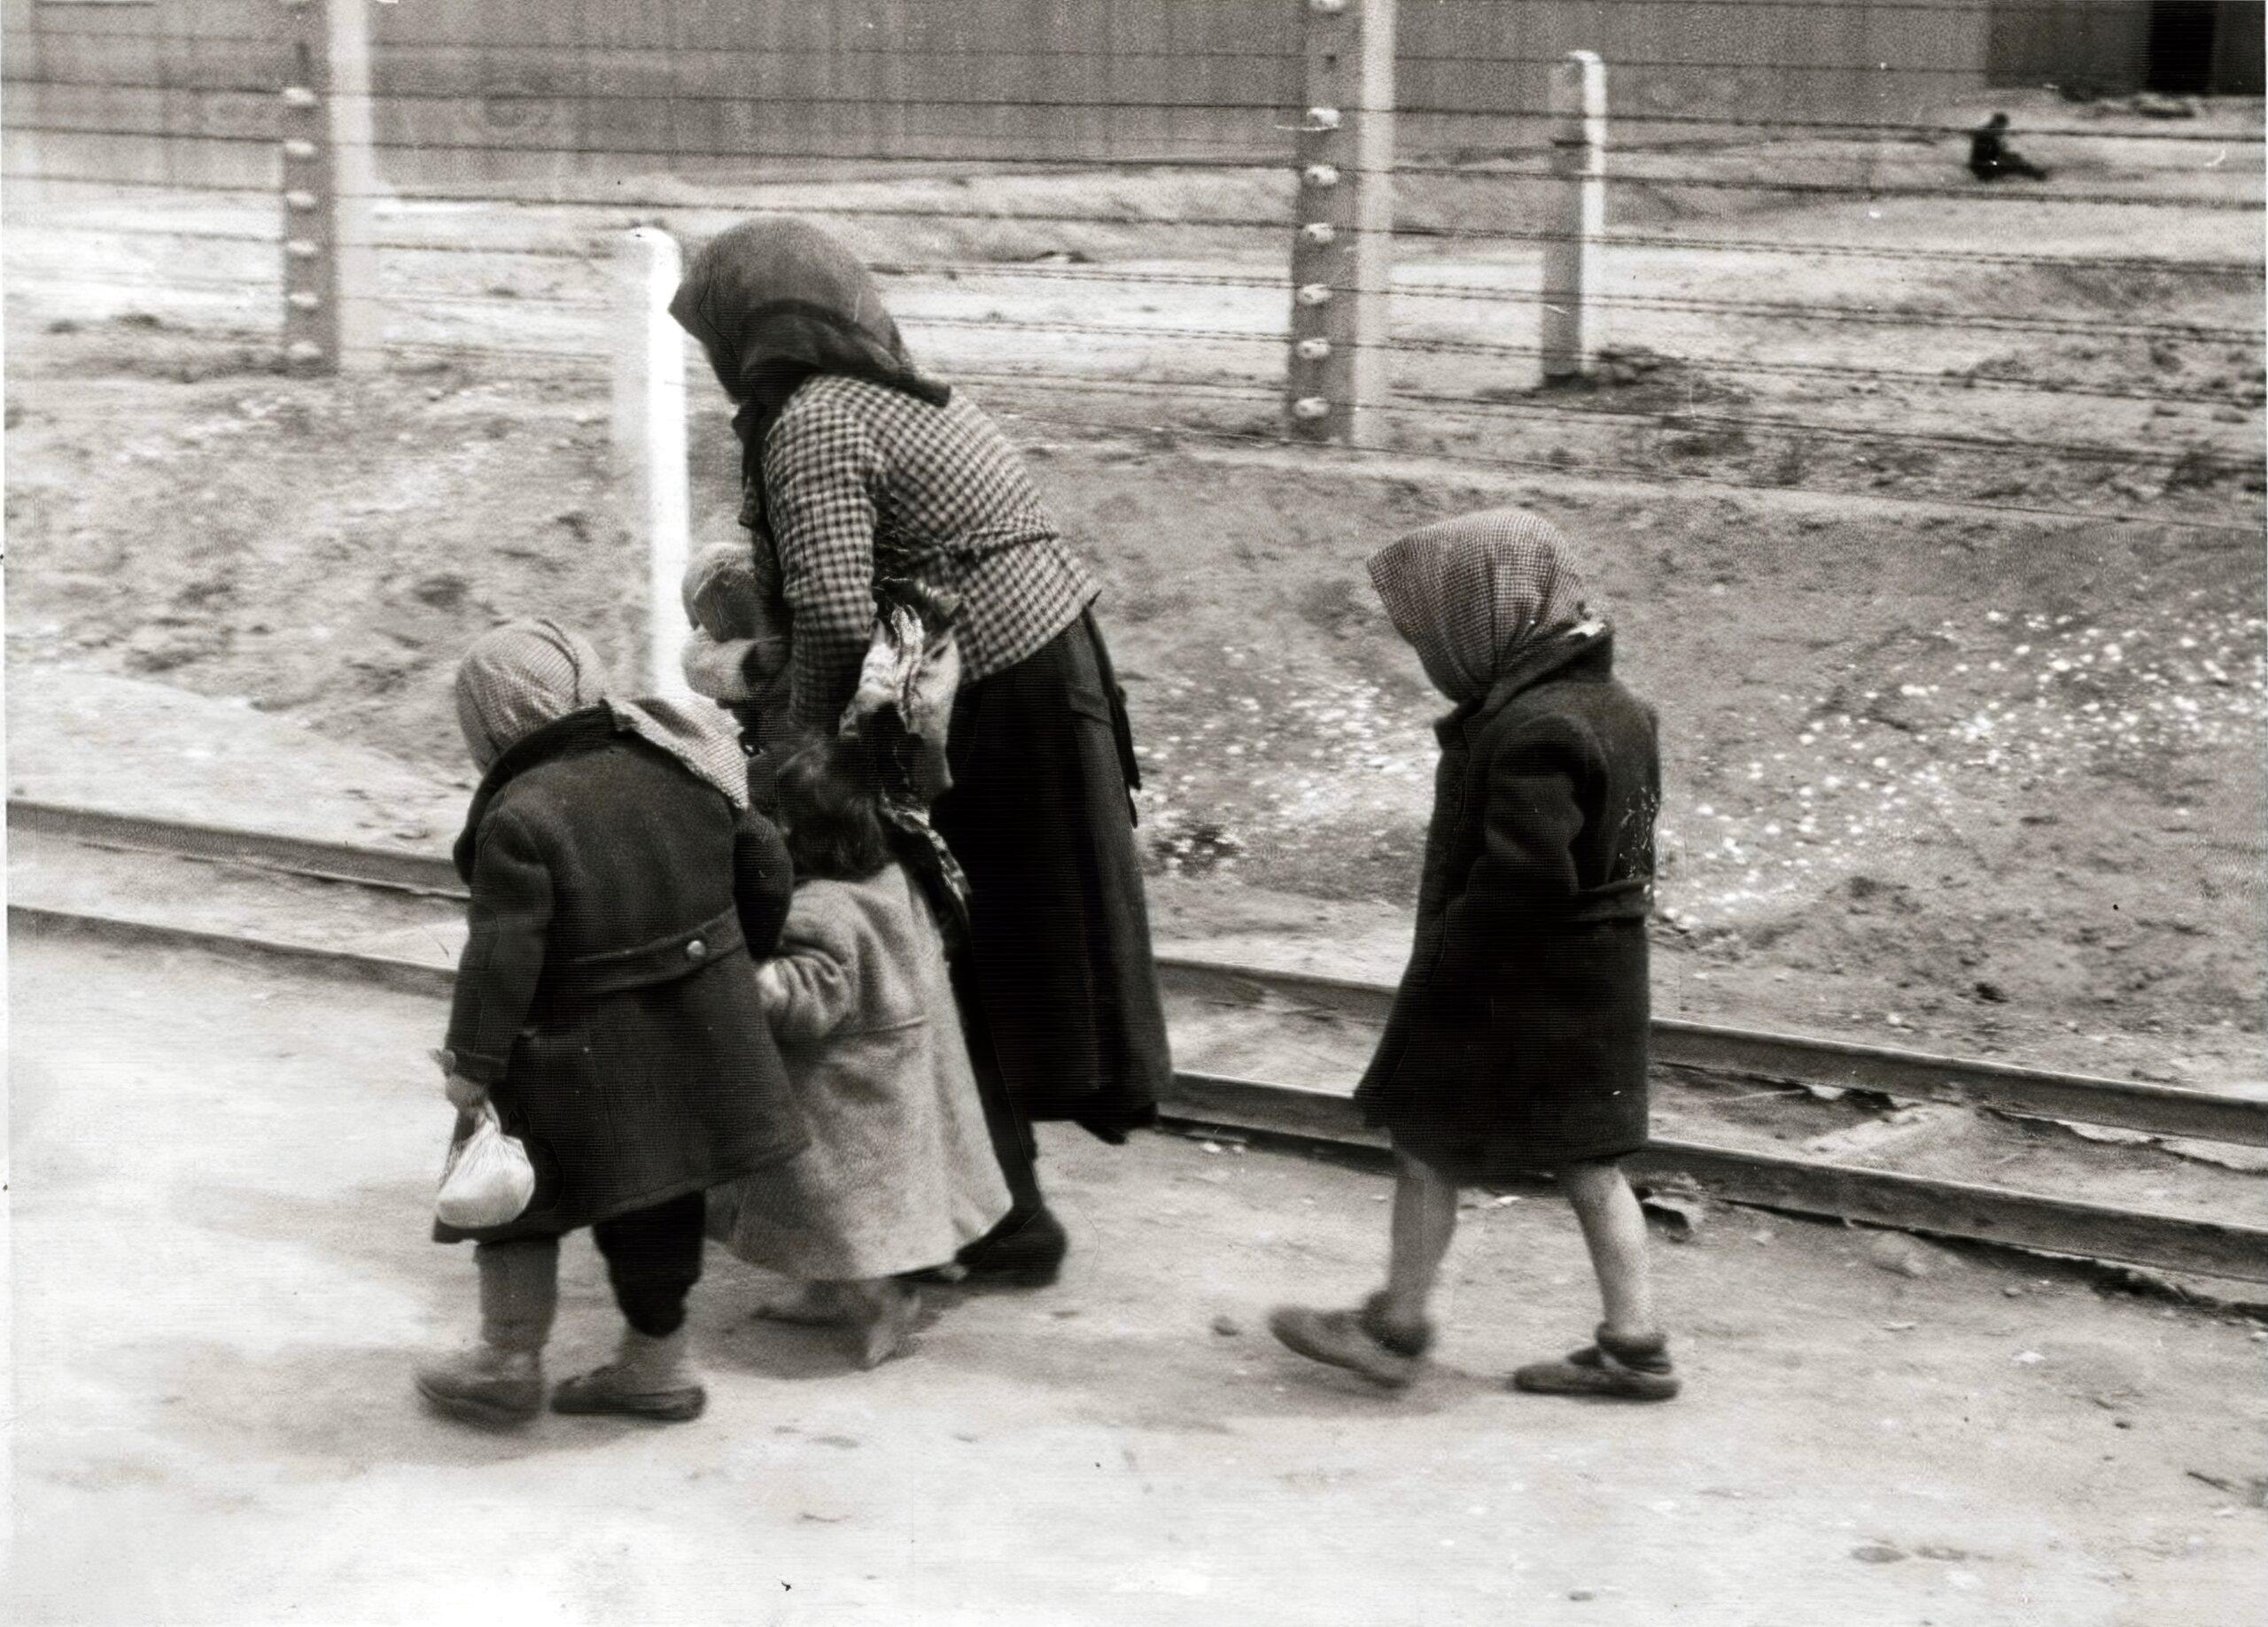 Horthy unokája bocsánatot kért a holokausztért